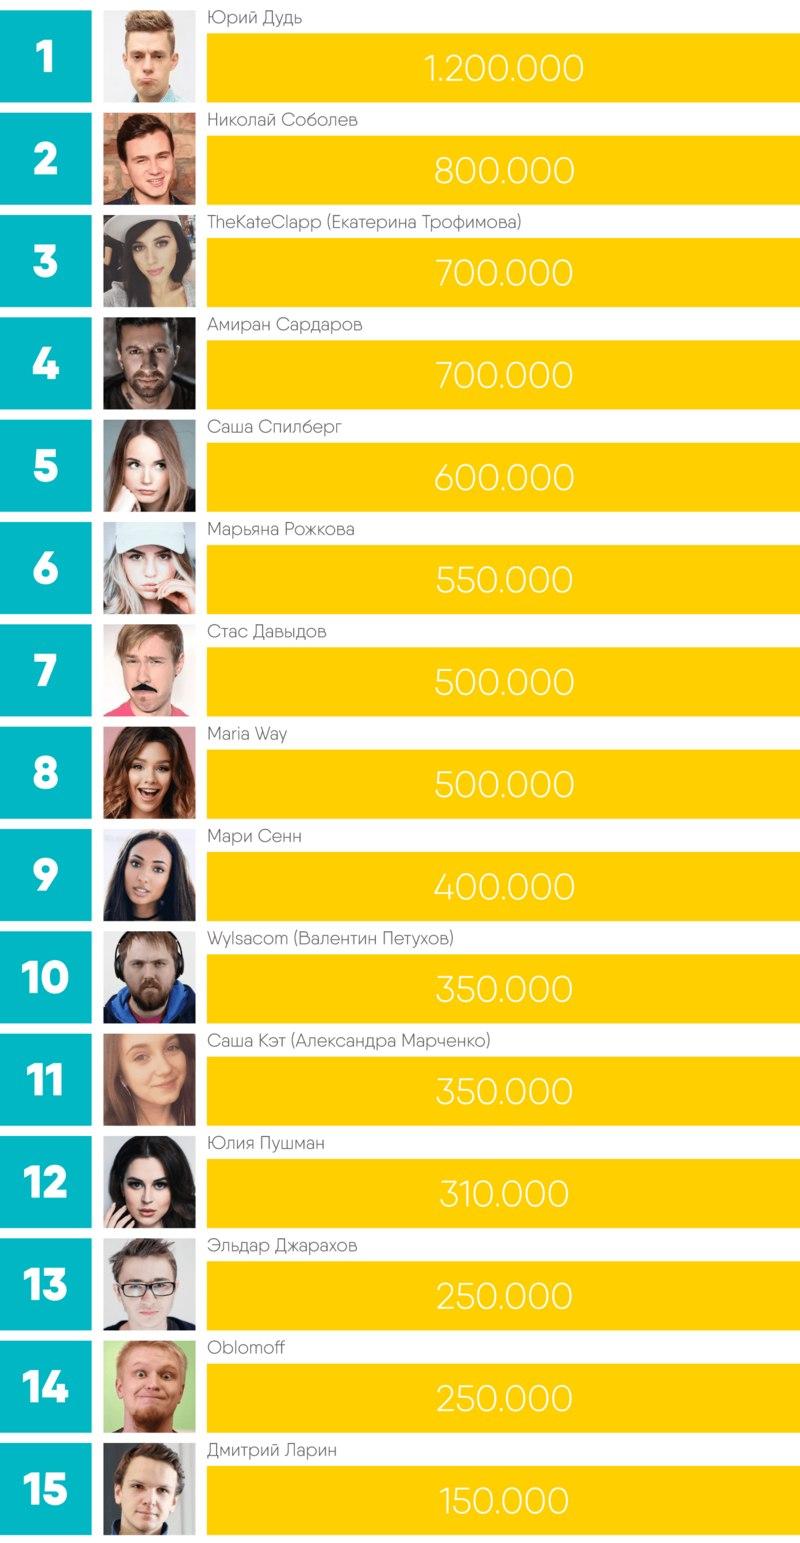 46bf2de752a При этом в рейтинге «Самых богатых блогеров» он занимает первое место —  благодаря ежедневному выпуску контента.